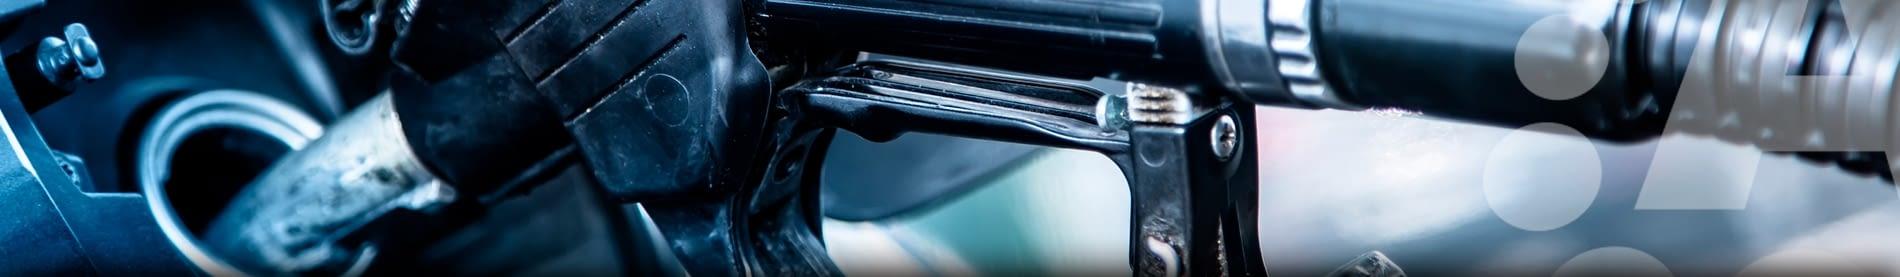 Tarjetas-Combustible